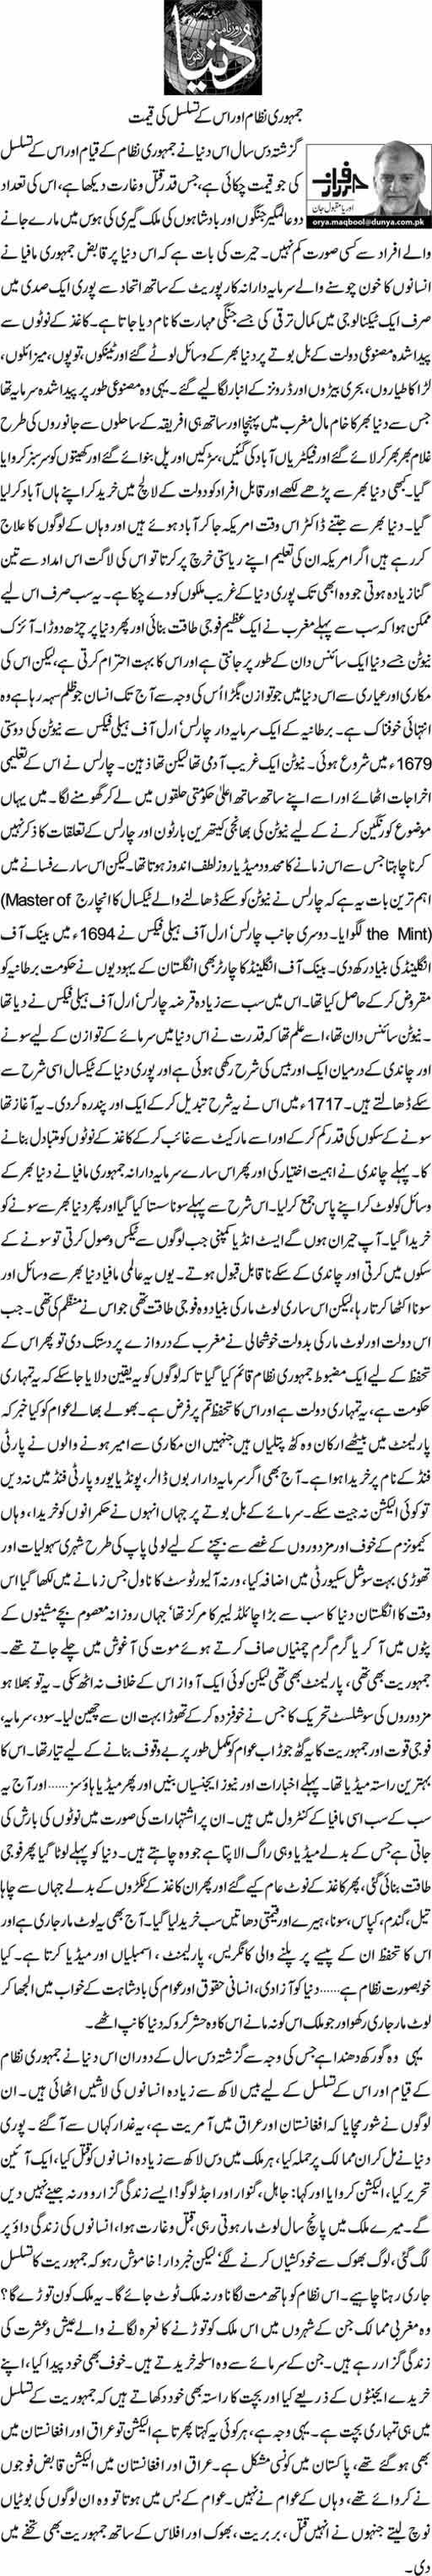 Jumhoori Nizam Aur Us K Tasalsul Ki Keemat - Orya Maqbool Jan